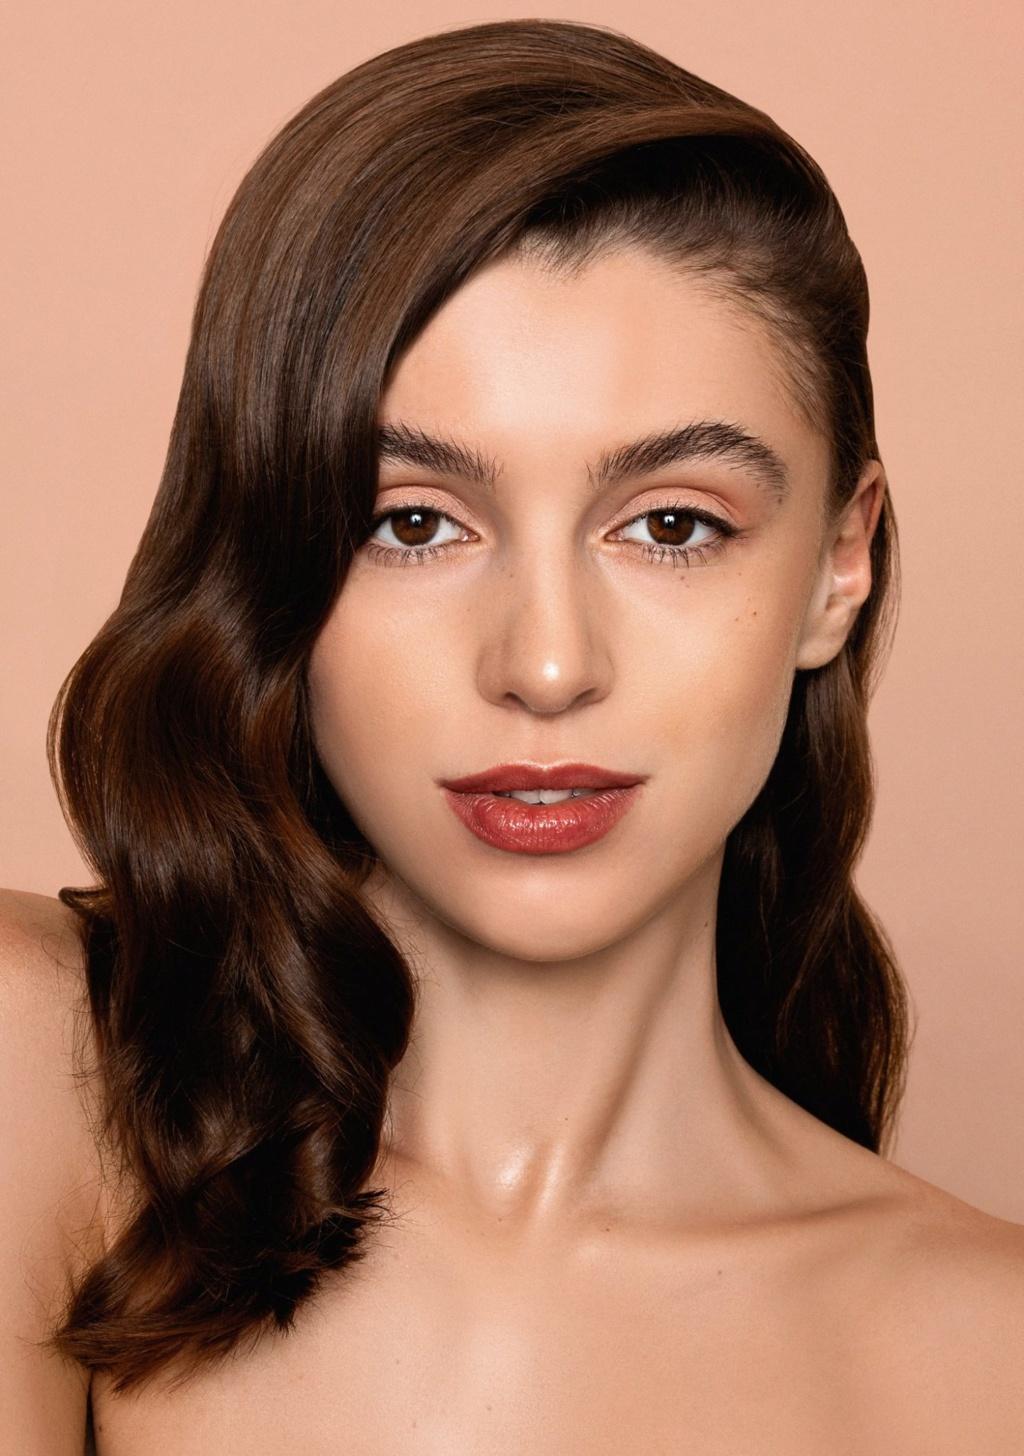 Miss Slovensko 2019 is Frederika Kurtulikova - Page 2 51593810